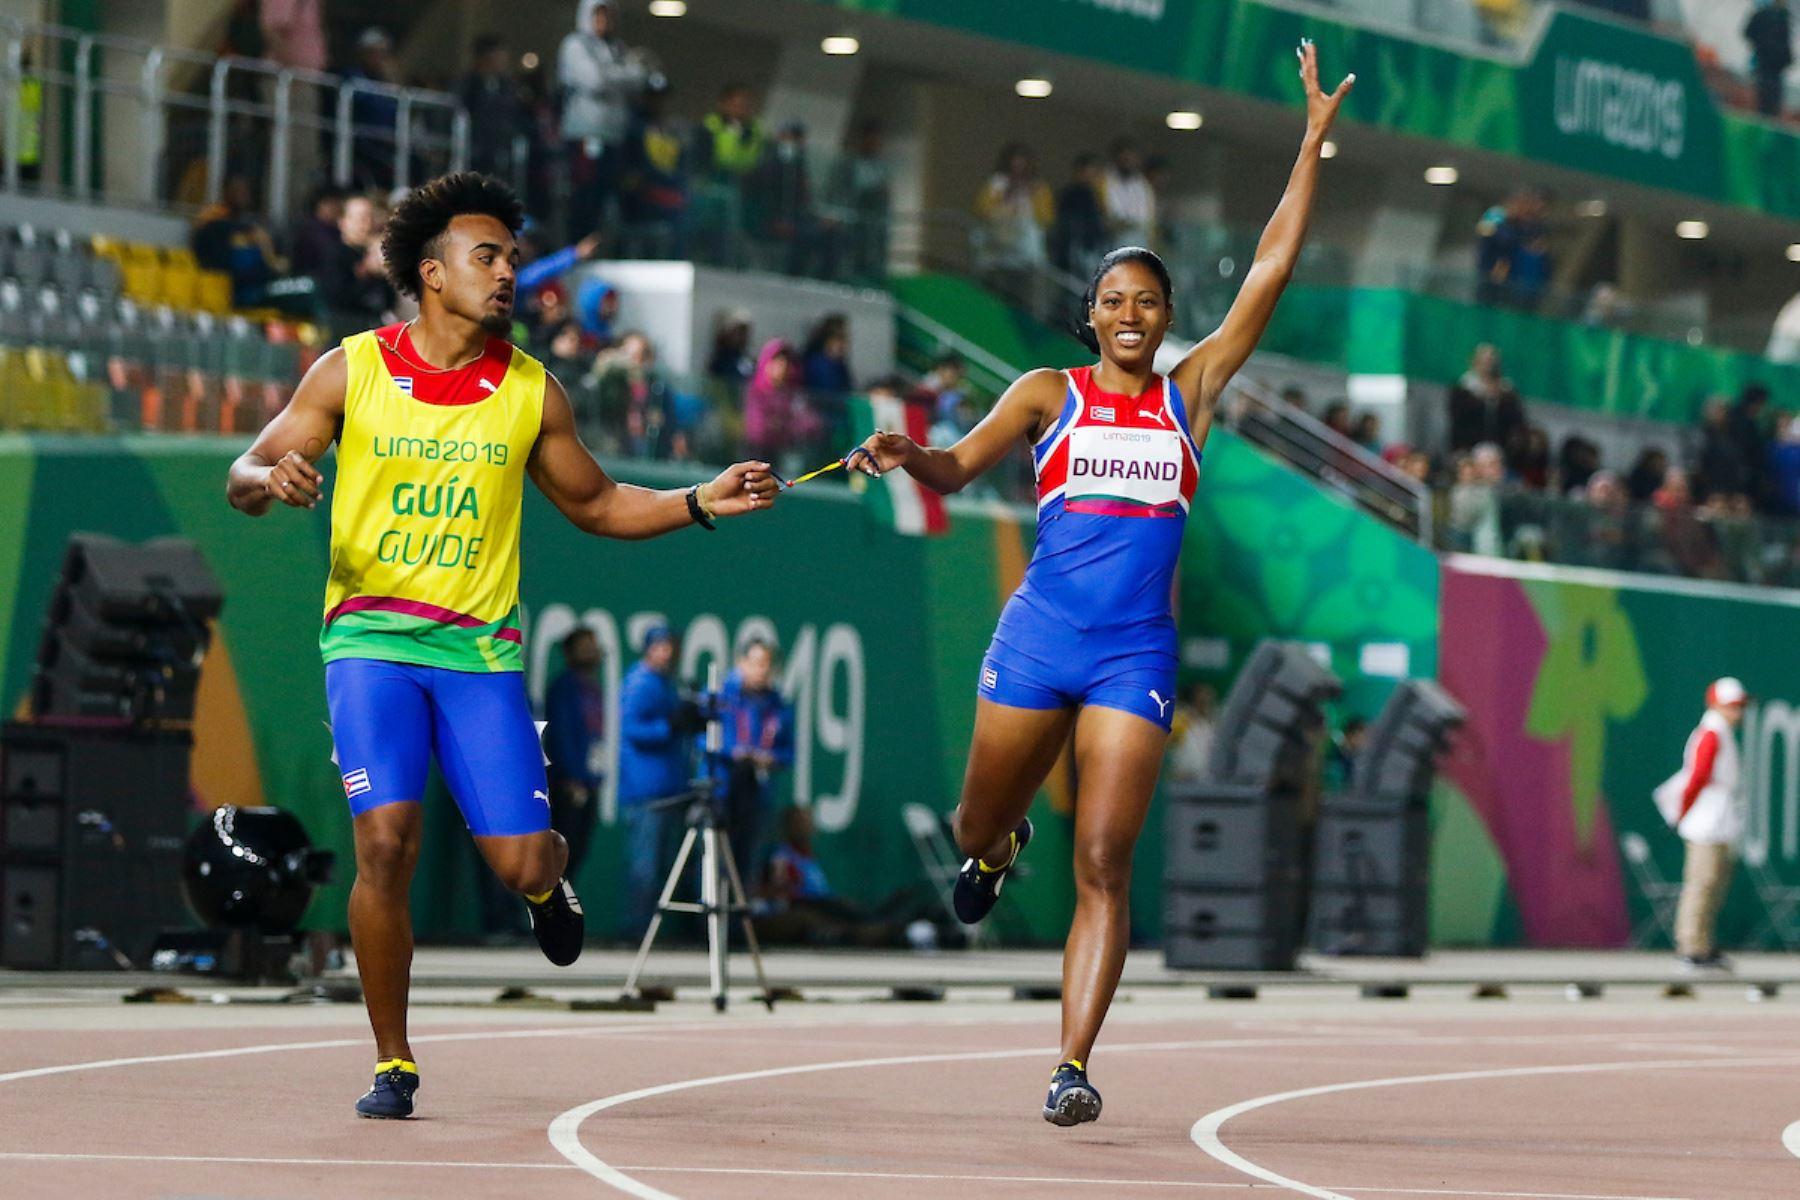 Omara Durand ganó la presea de oro en los 200 metros. Ahora va por los 400 metros